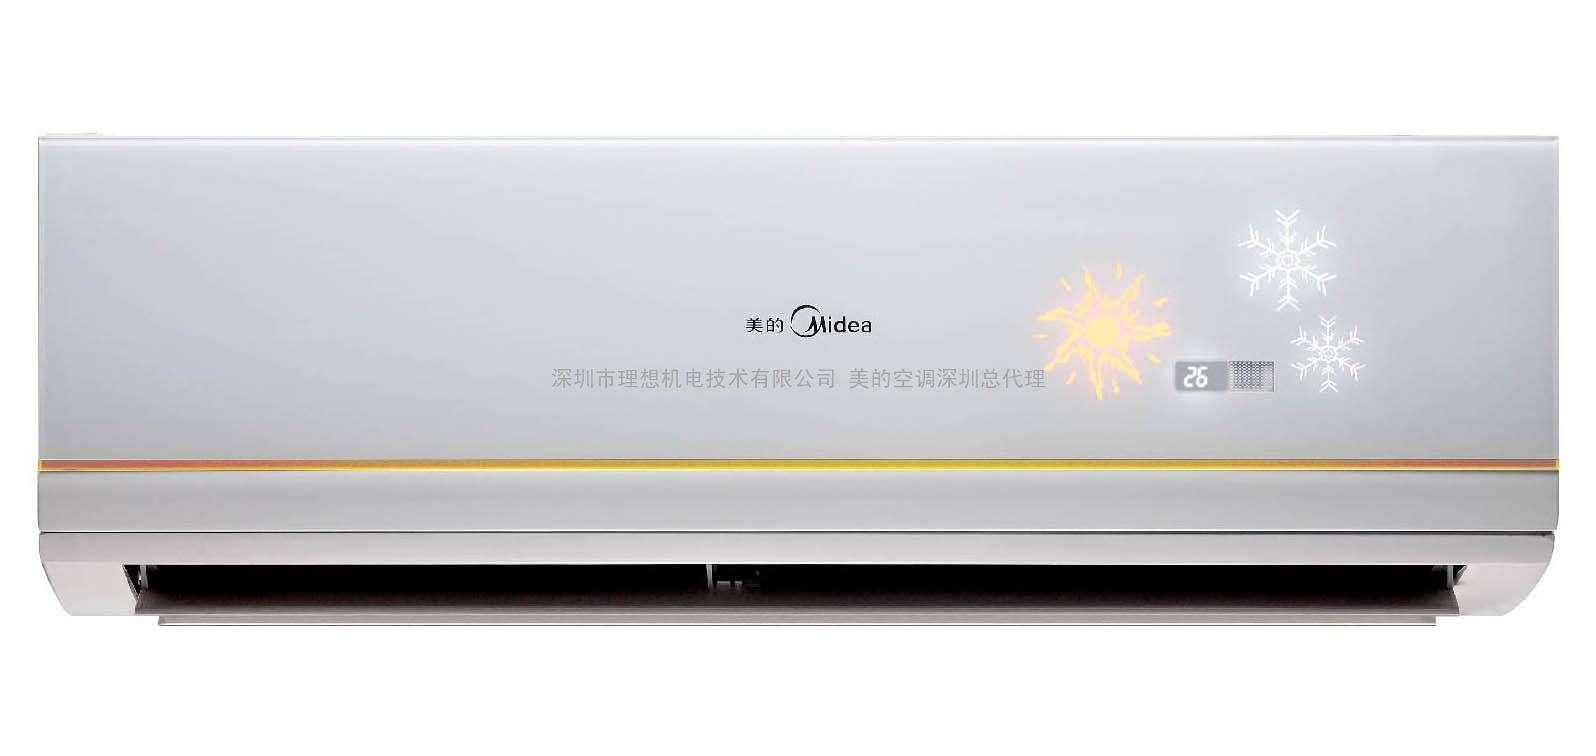 变频空调有什么故障?变频空调故障维修